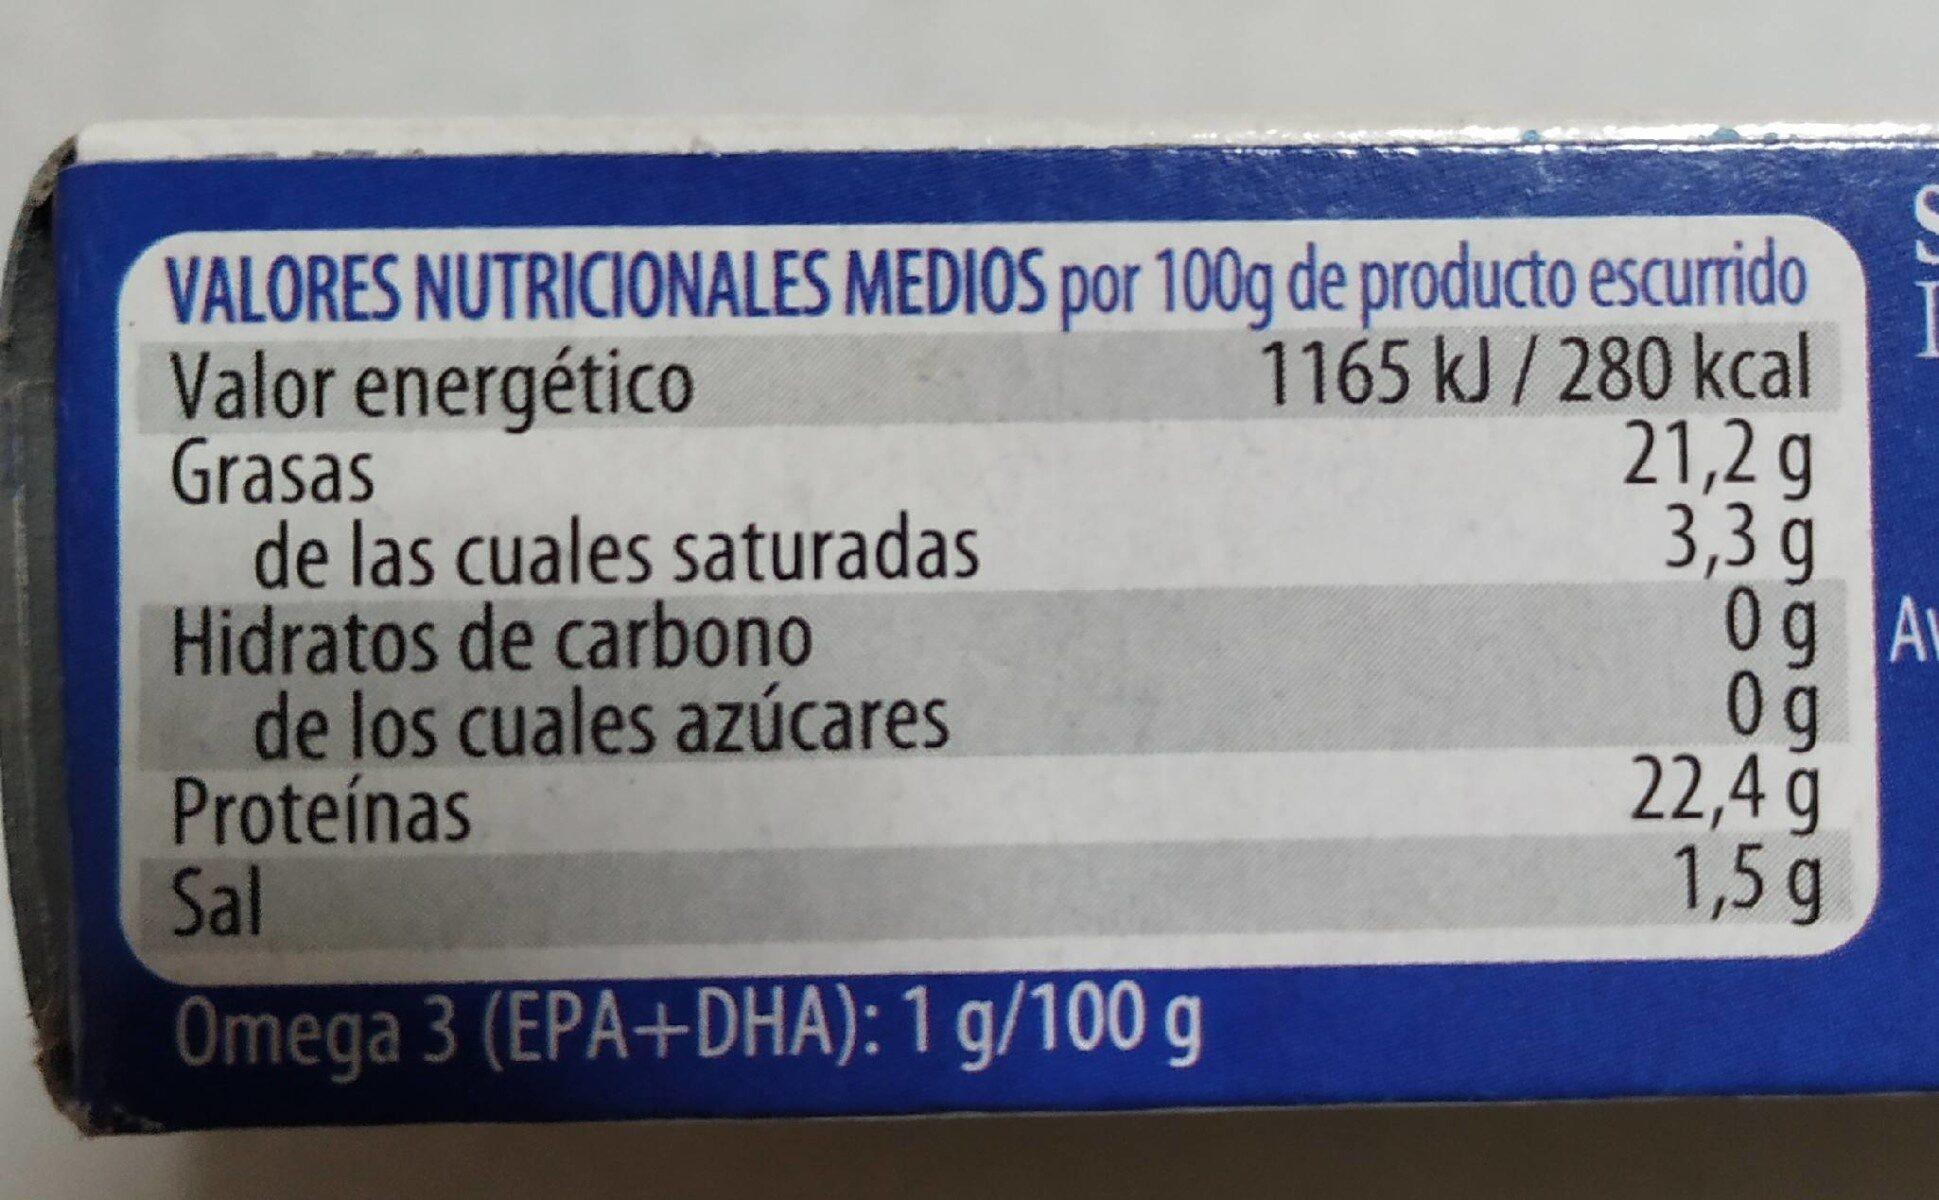 Sardinas en aceite de oliva - Informations nutritionnelles - es